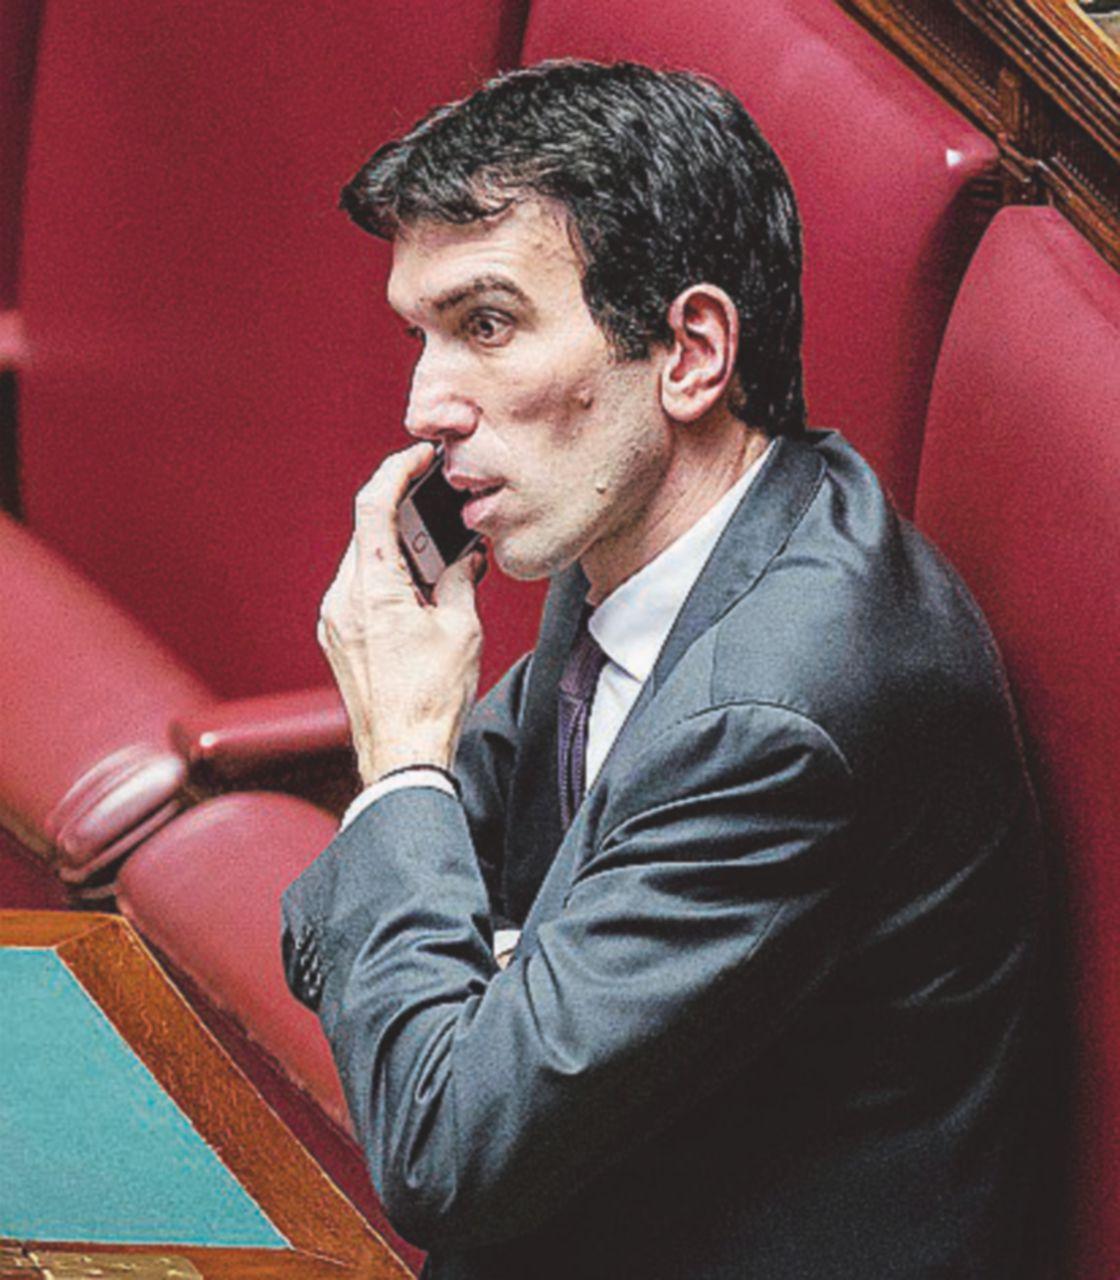 """Pd, assemblea il 21 aprile per scegliere il nuovo segretario. Martina ci ha preso gusto: """"Mi candido"""""""